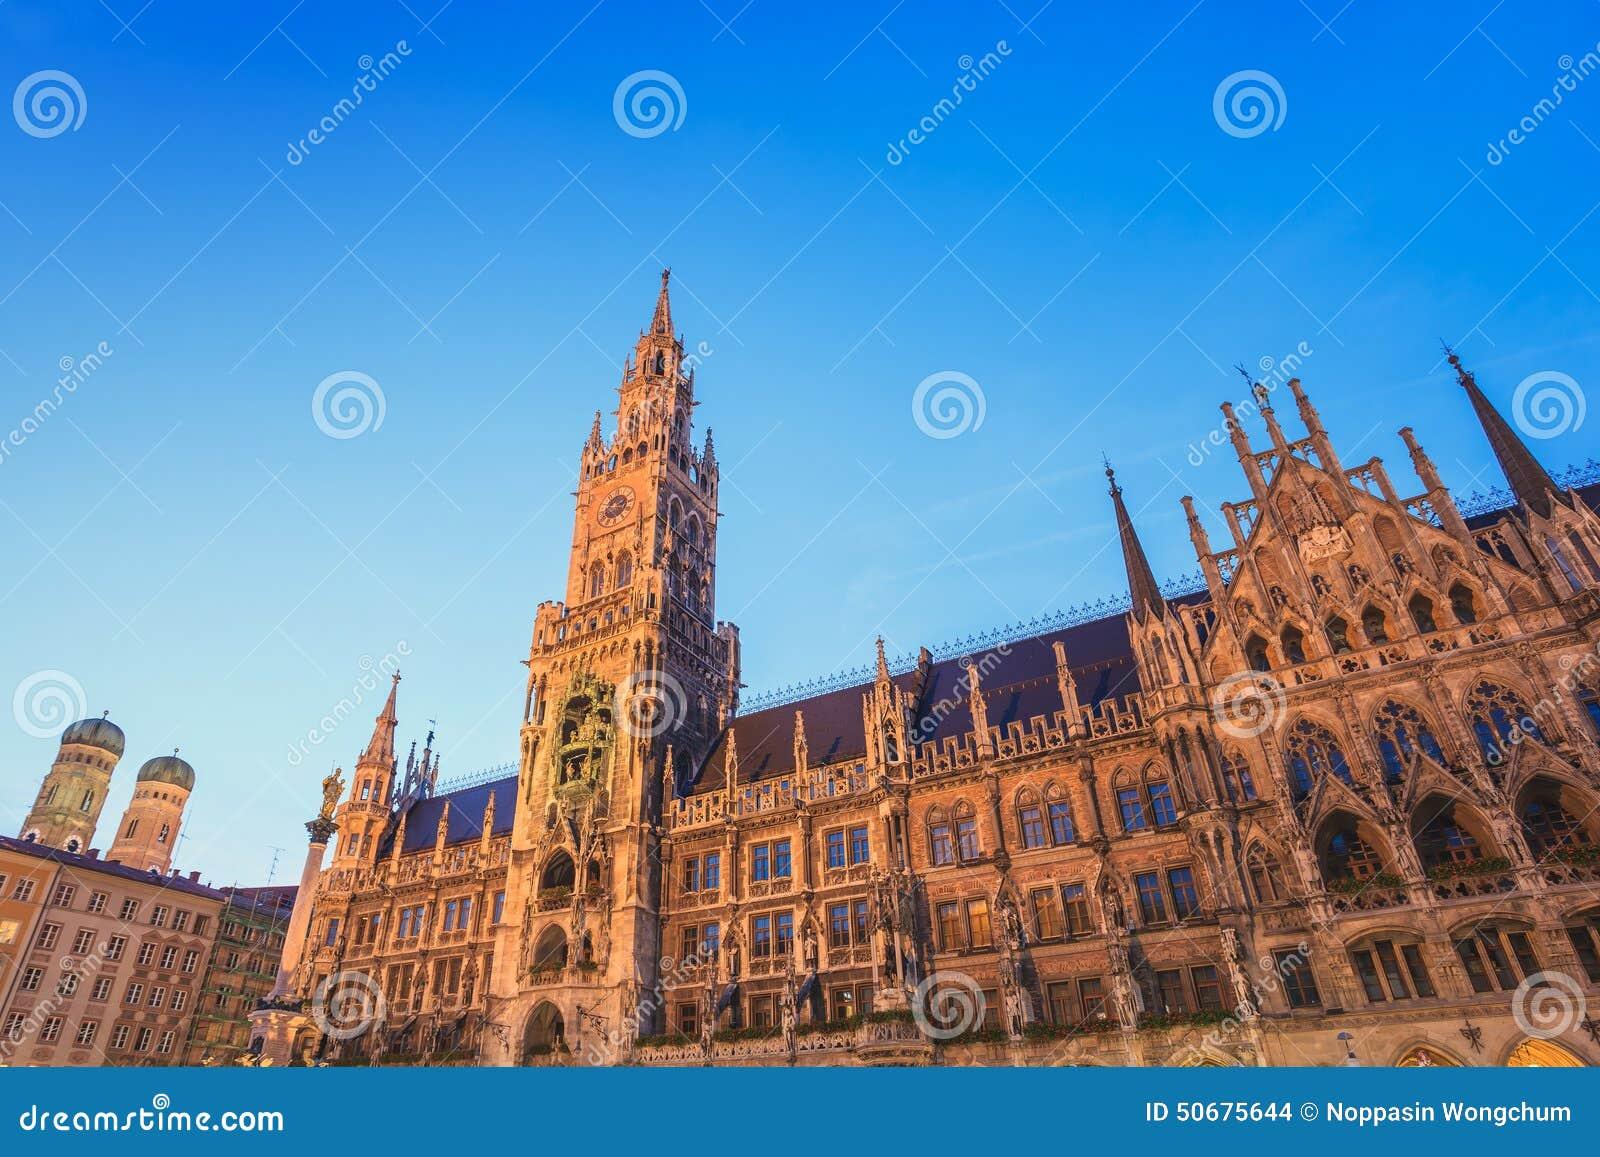 Download 德国慕尼黑 库存照片. 图片 包括有 雕象, 旅行, 德国, 巴伐利亚人, 晚上, 慕尼黑, 欧洲, 拱道 - 50675644